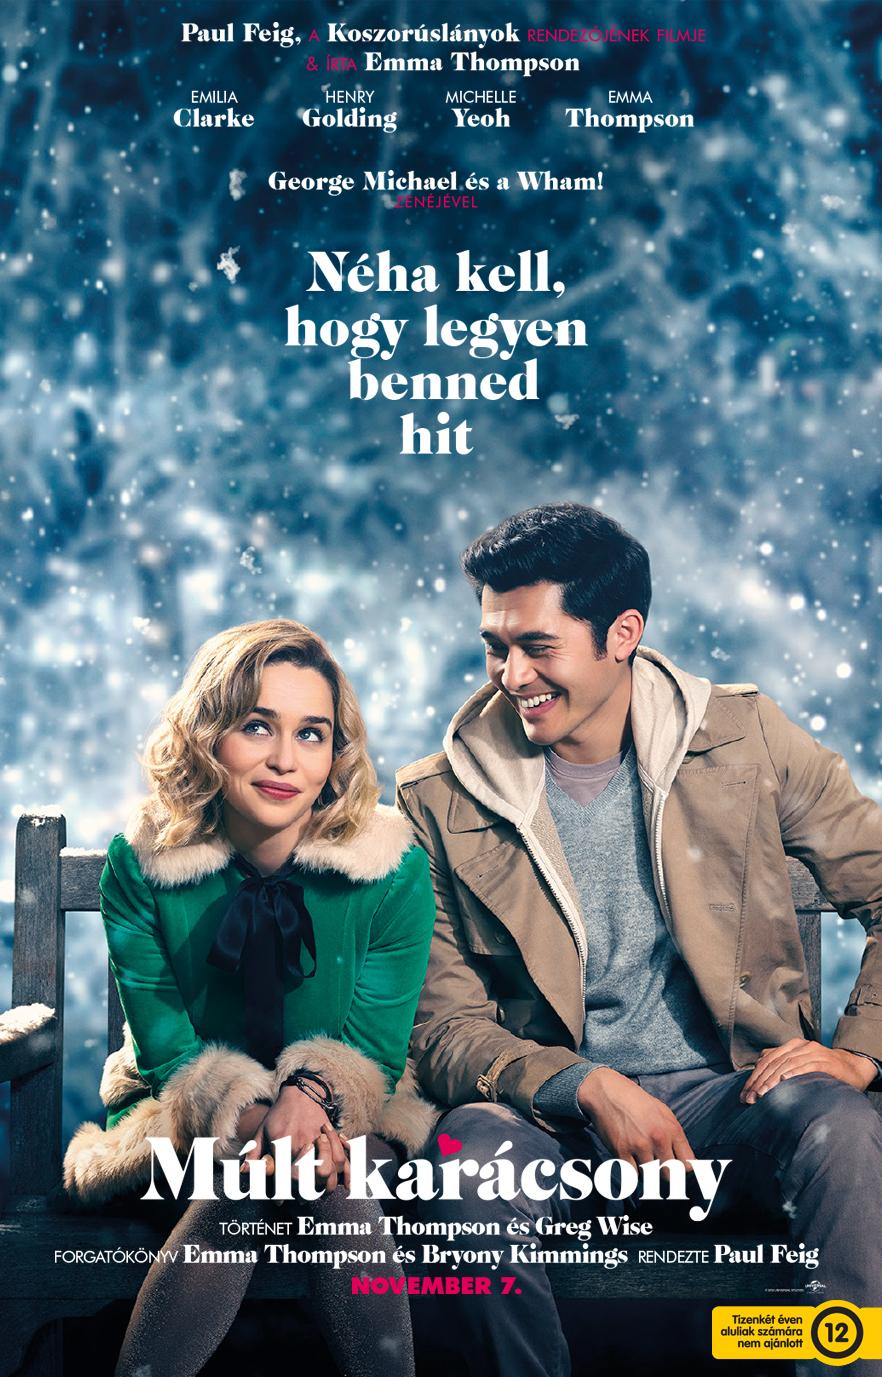 Múlt karácsony (2019)